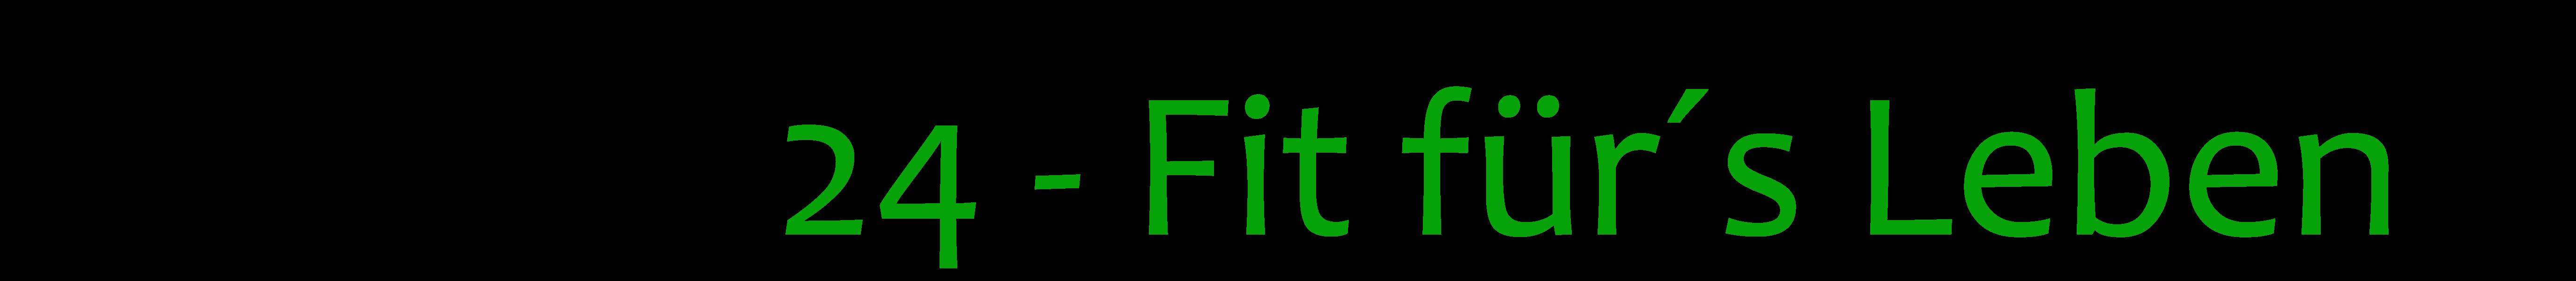 my-fit24-Fit-fürs-Leben